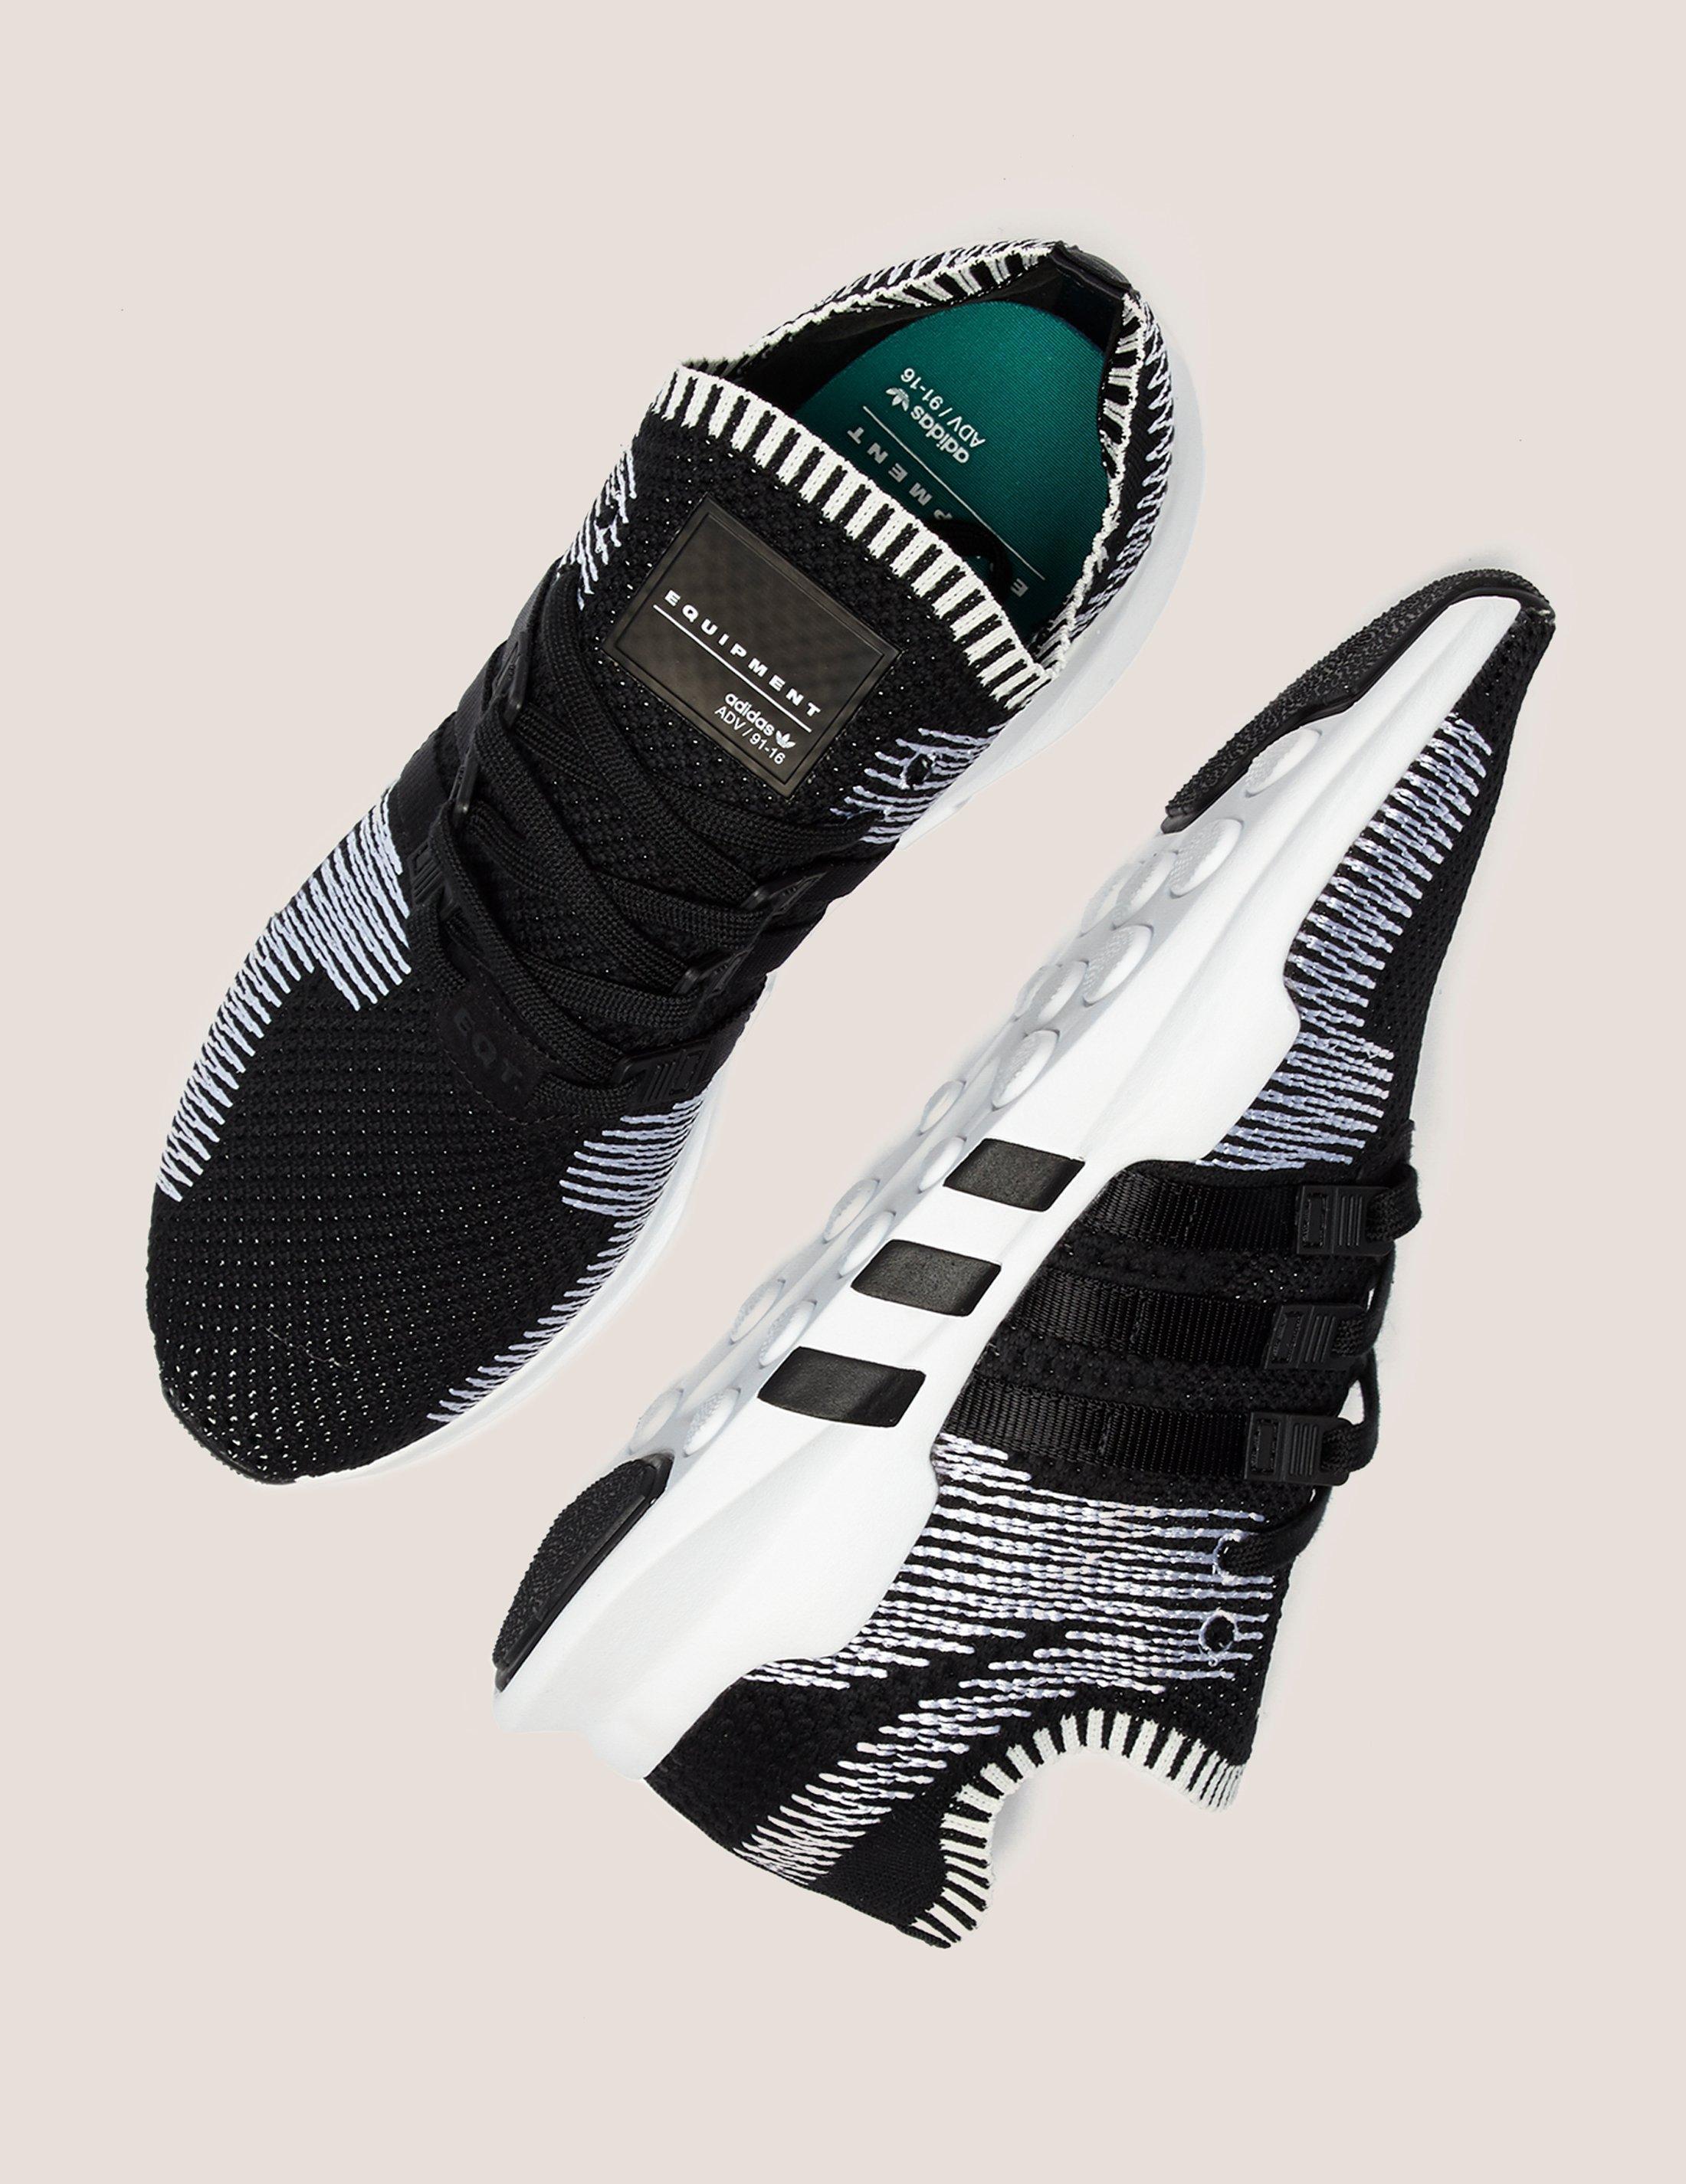 Lyst adidas Originals hombre  EQT Support ADV primeknit negro / blanco